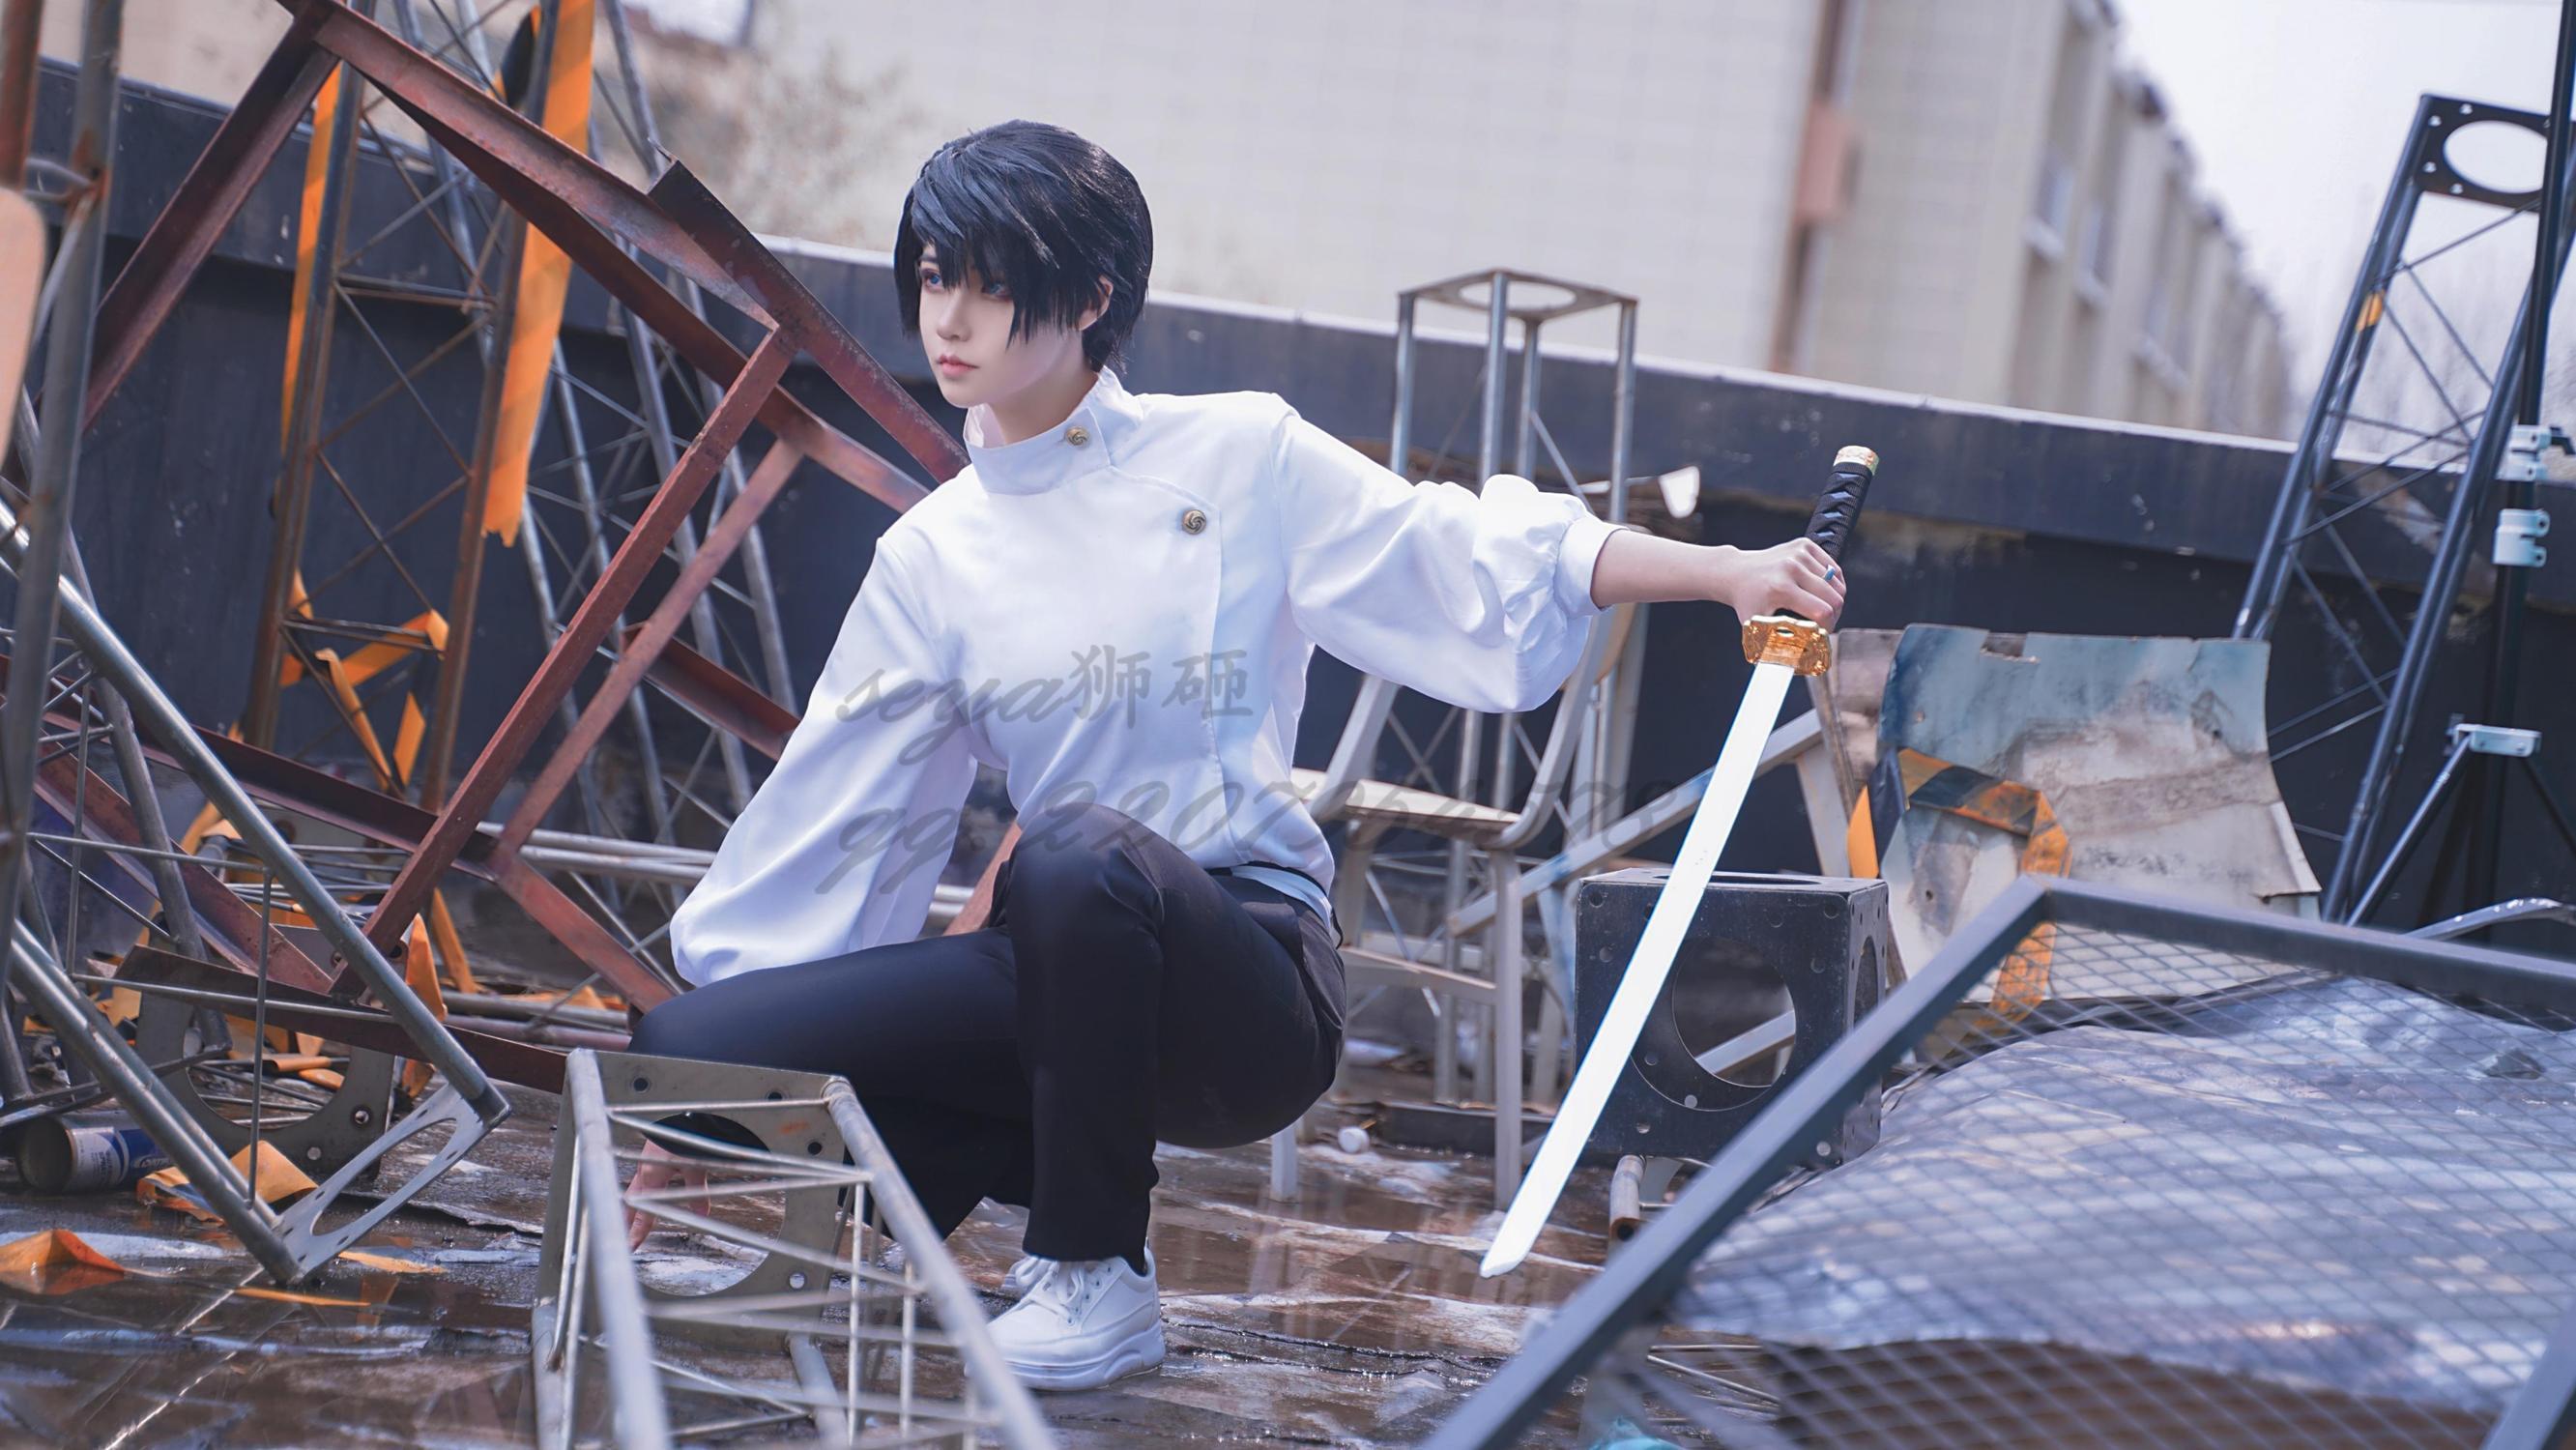 《咒术回战》正片cosplay【CN:seya-狮砸砸砸砸砸】-第4张